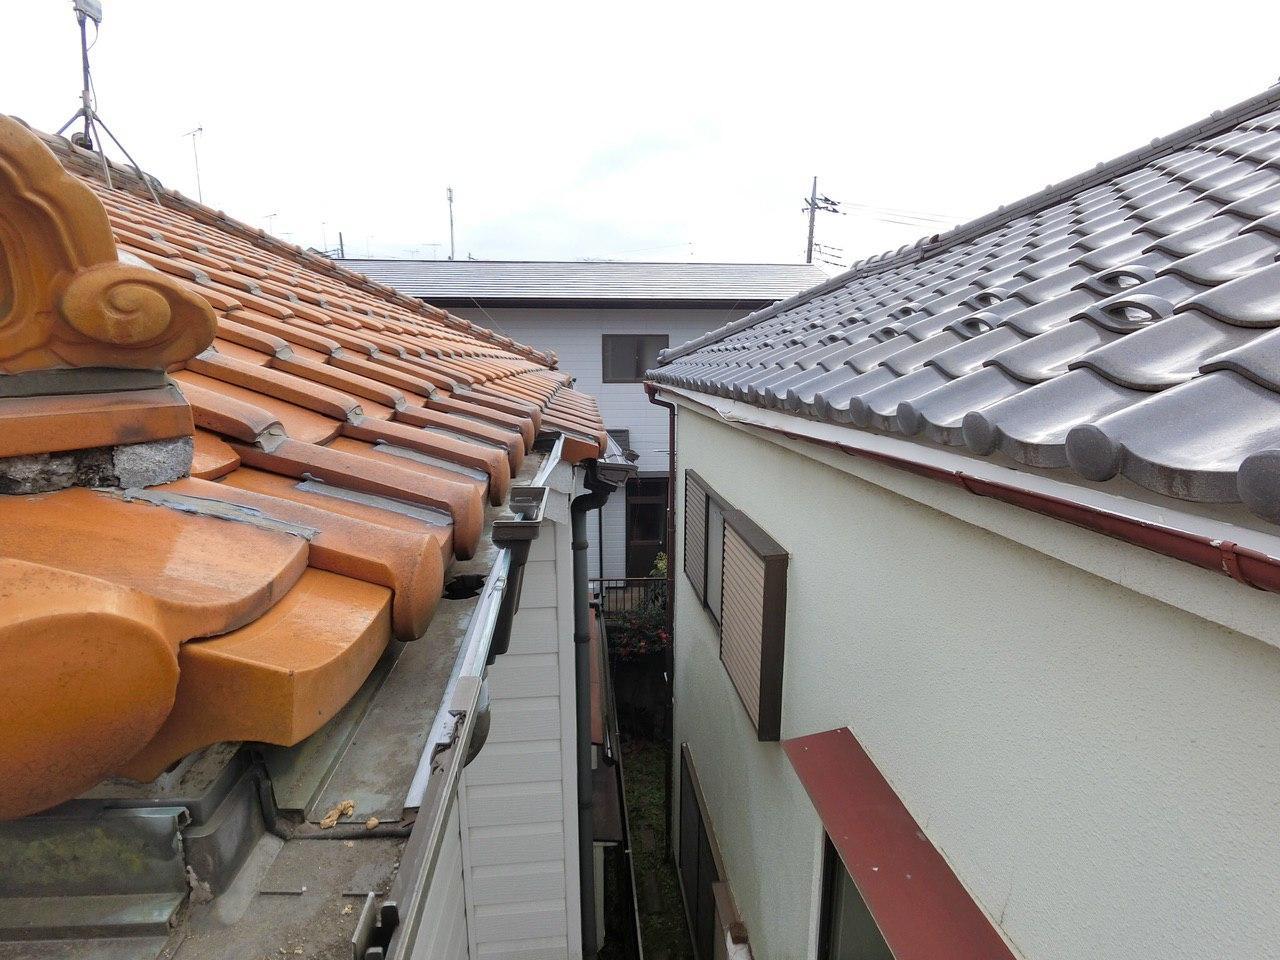 株式会社ハートホームの損害調査!所沢市で雪による雨どいの損傷!